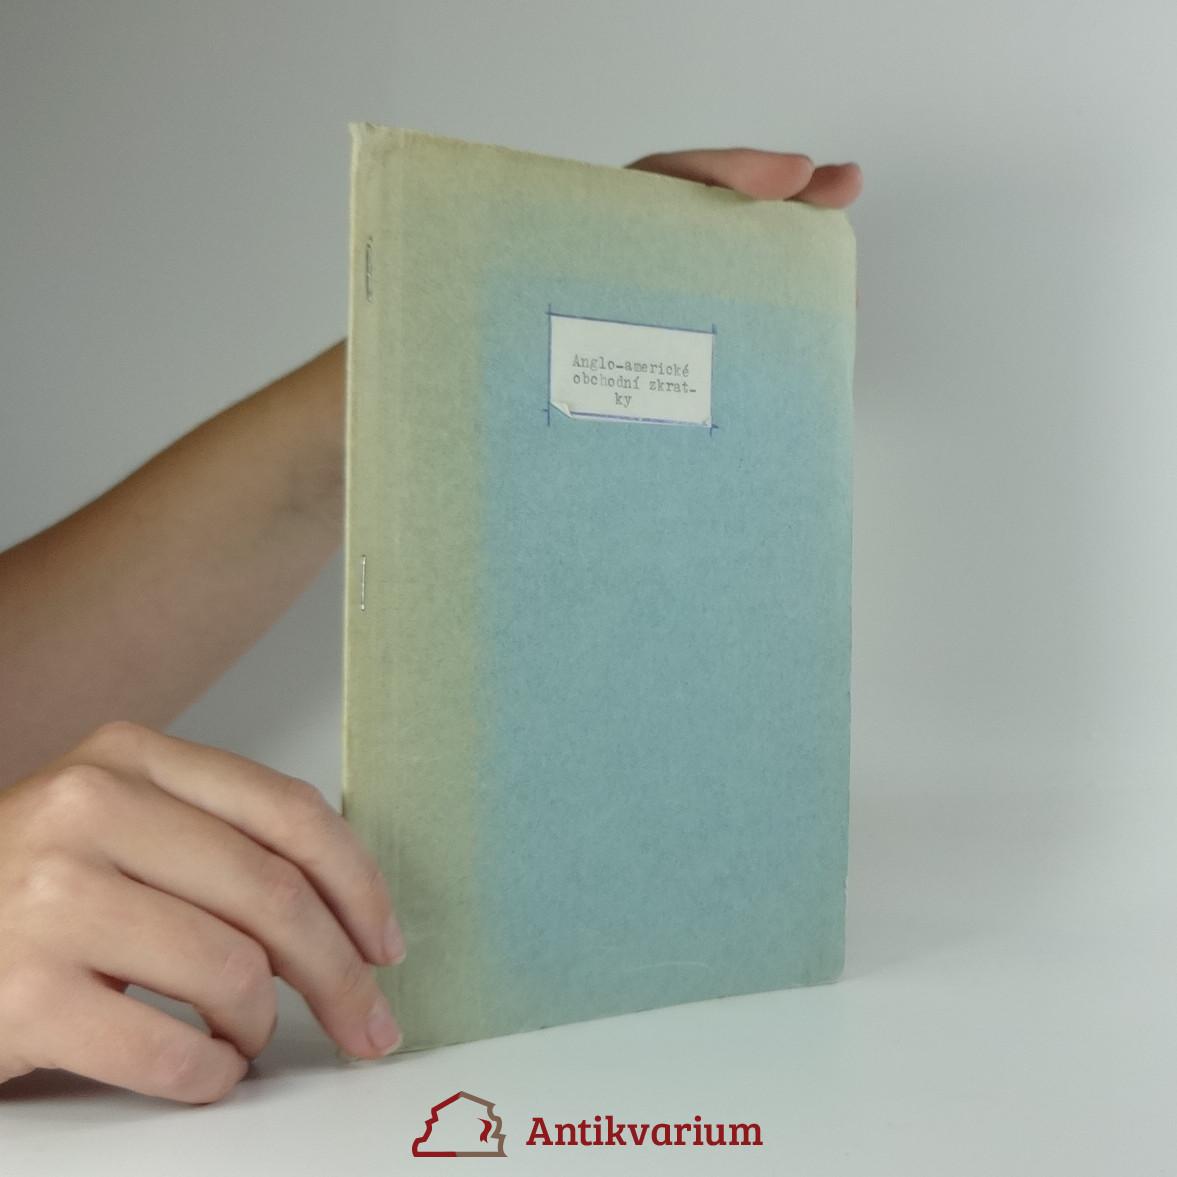 antikvární kniha Anglo-americké obchodní zkratky, neuveden